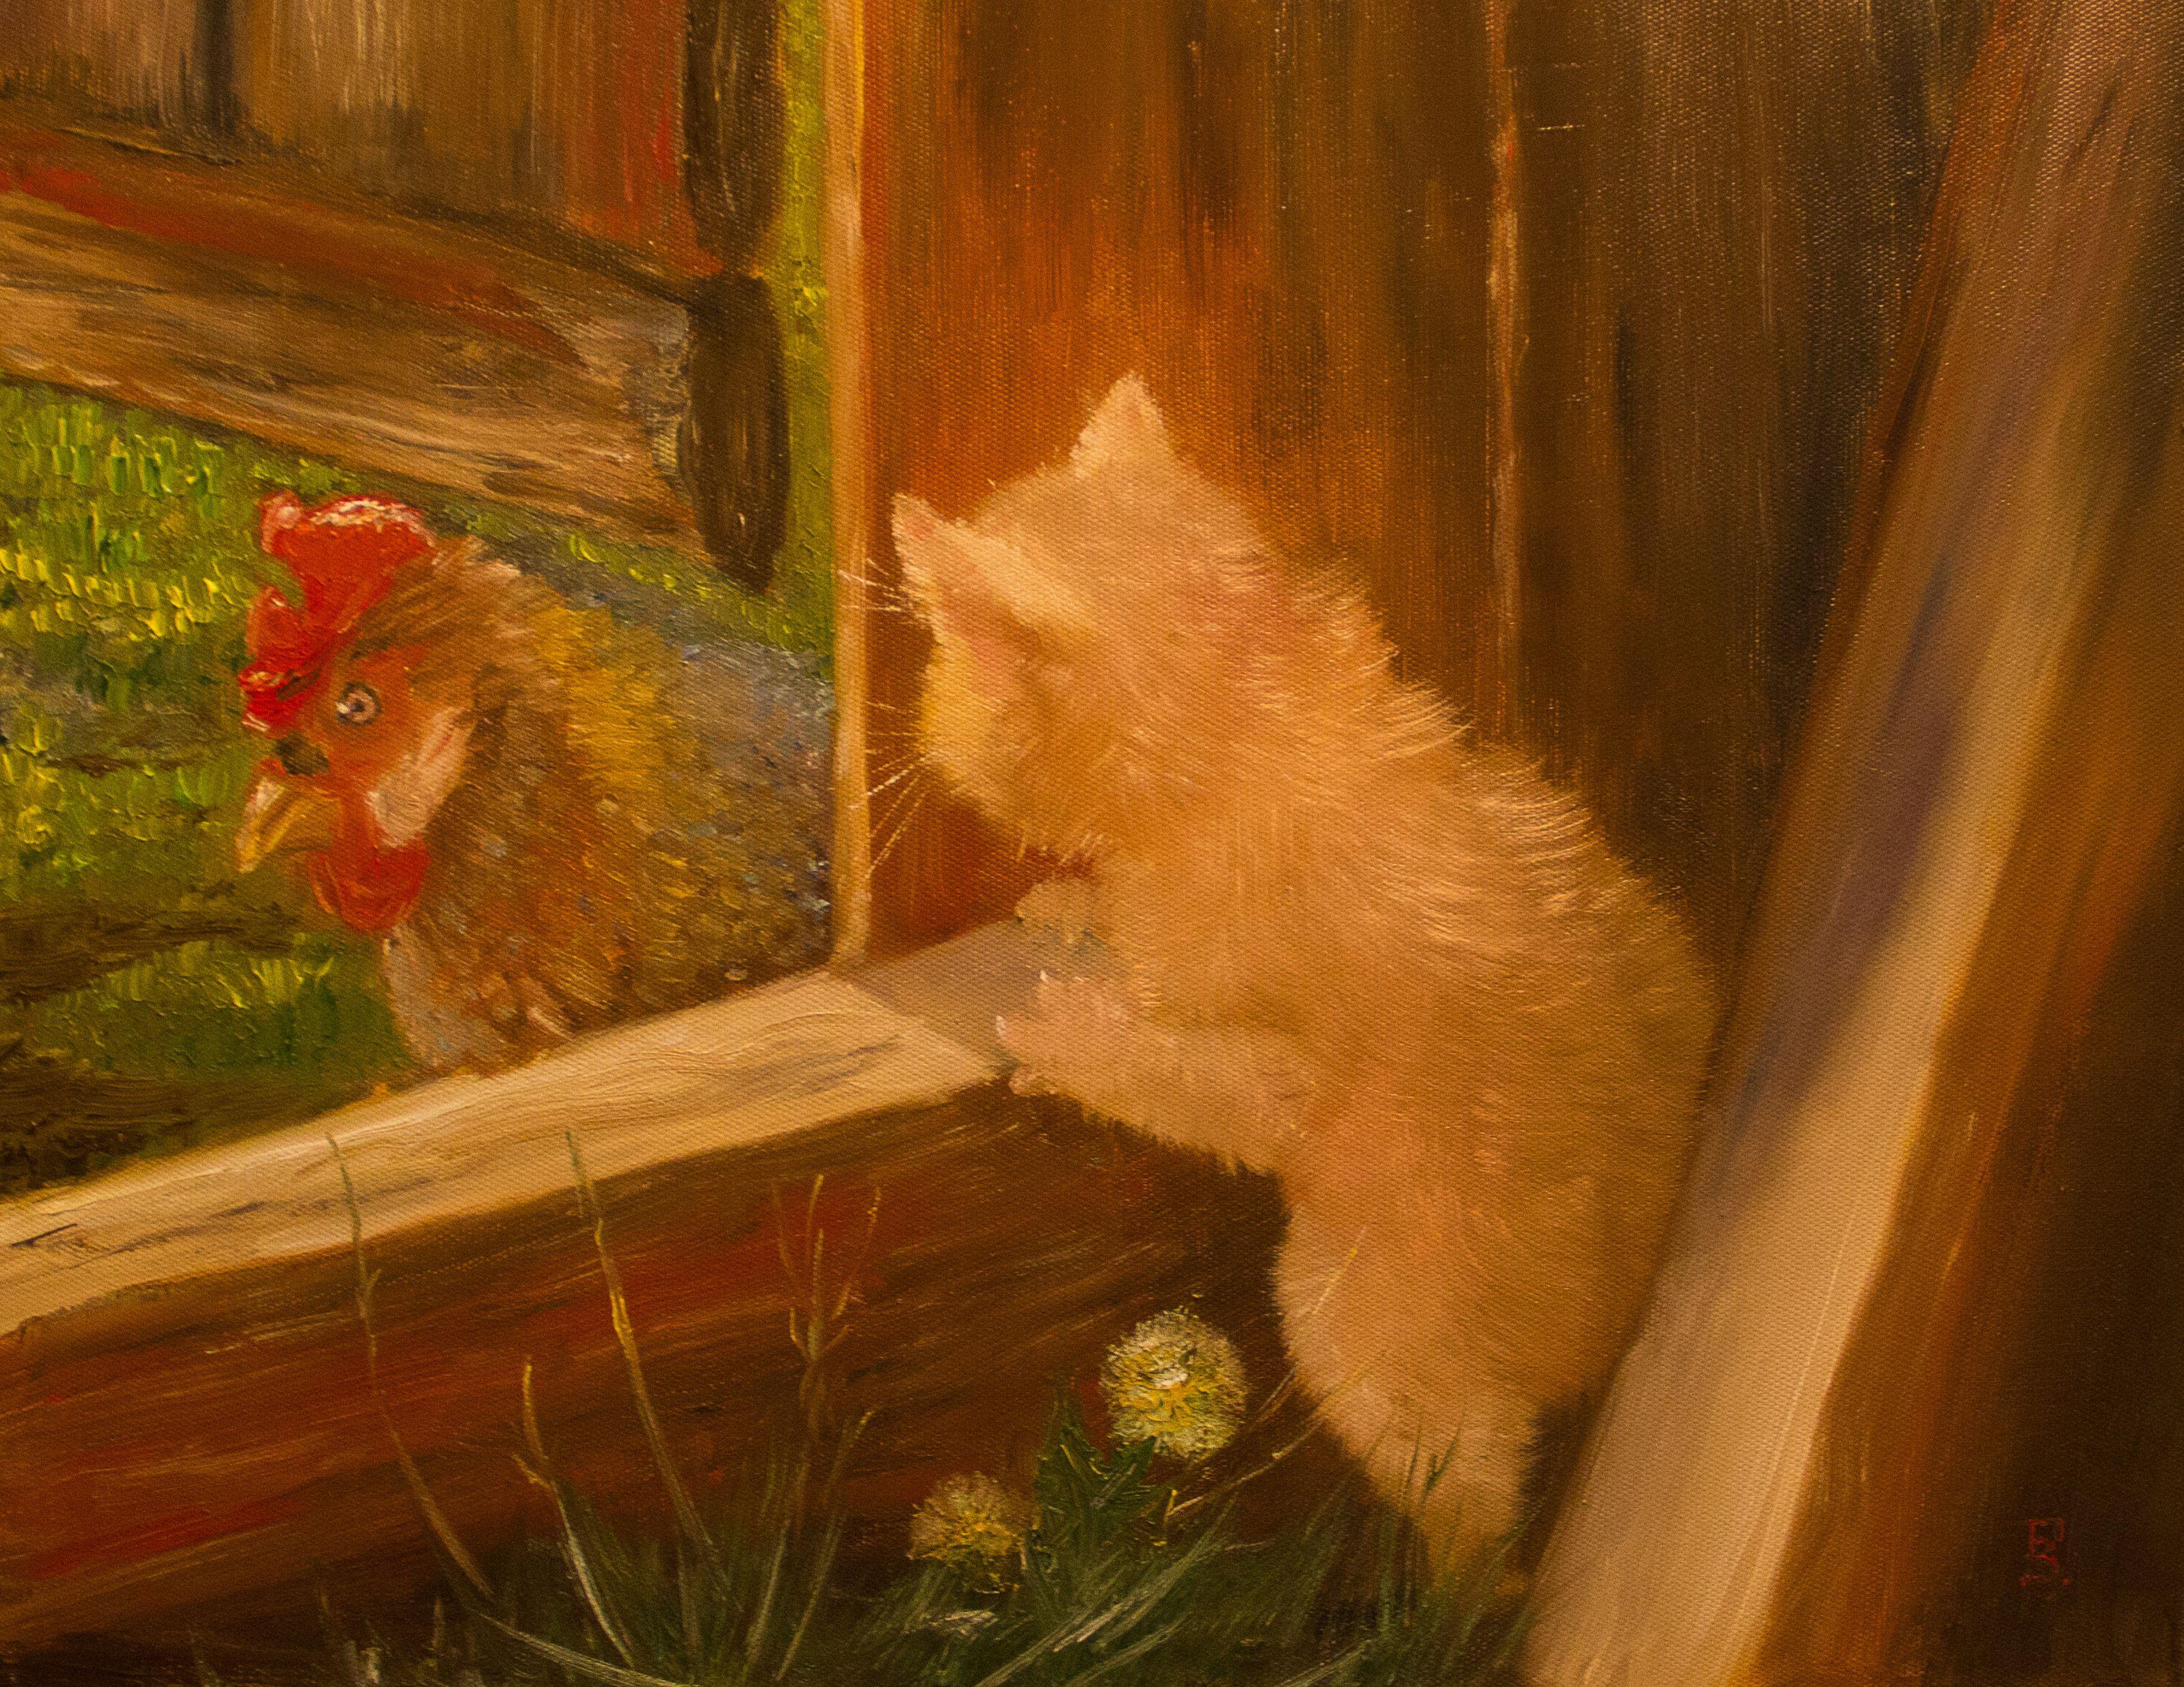 интерьера маслом сюжетная петух живопись кот украшение картина